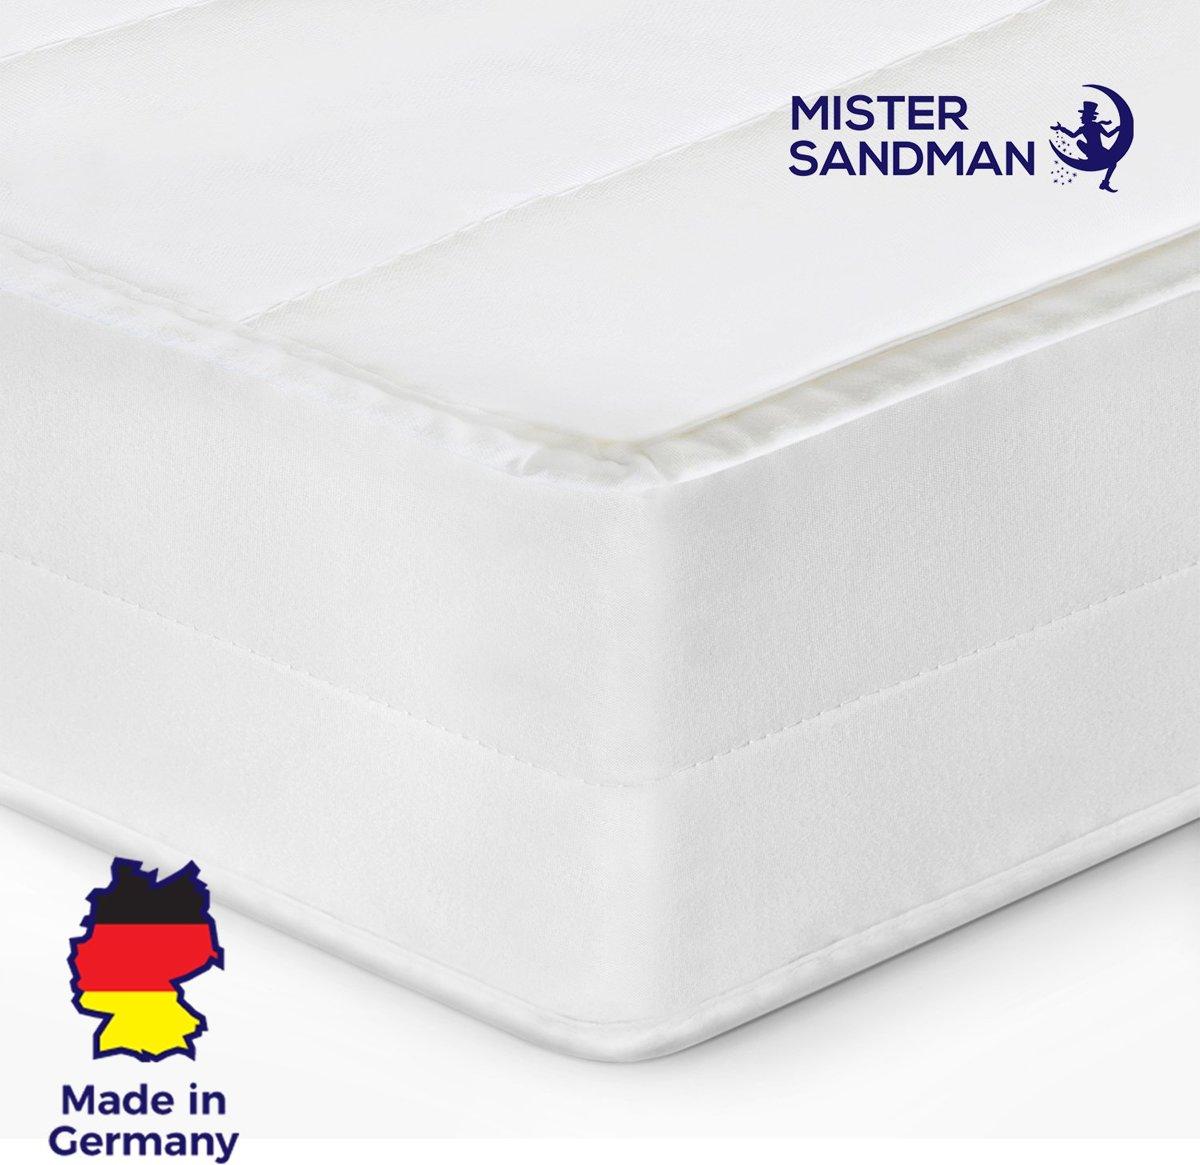 Matras - 100x200 - 7 zones - koudschuim - microvezel tijk - 15 cm hoog - medium & hard